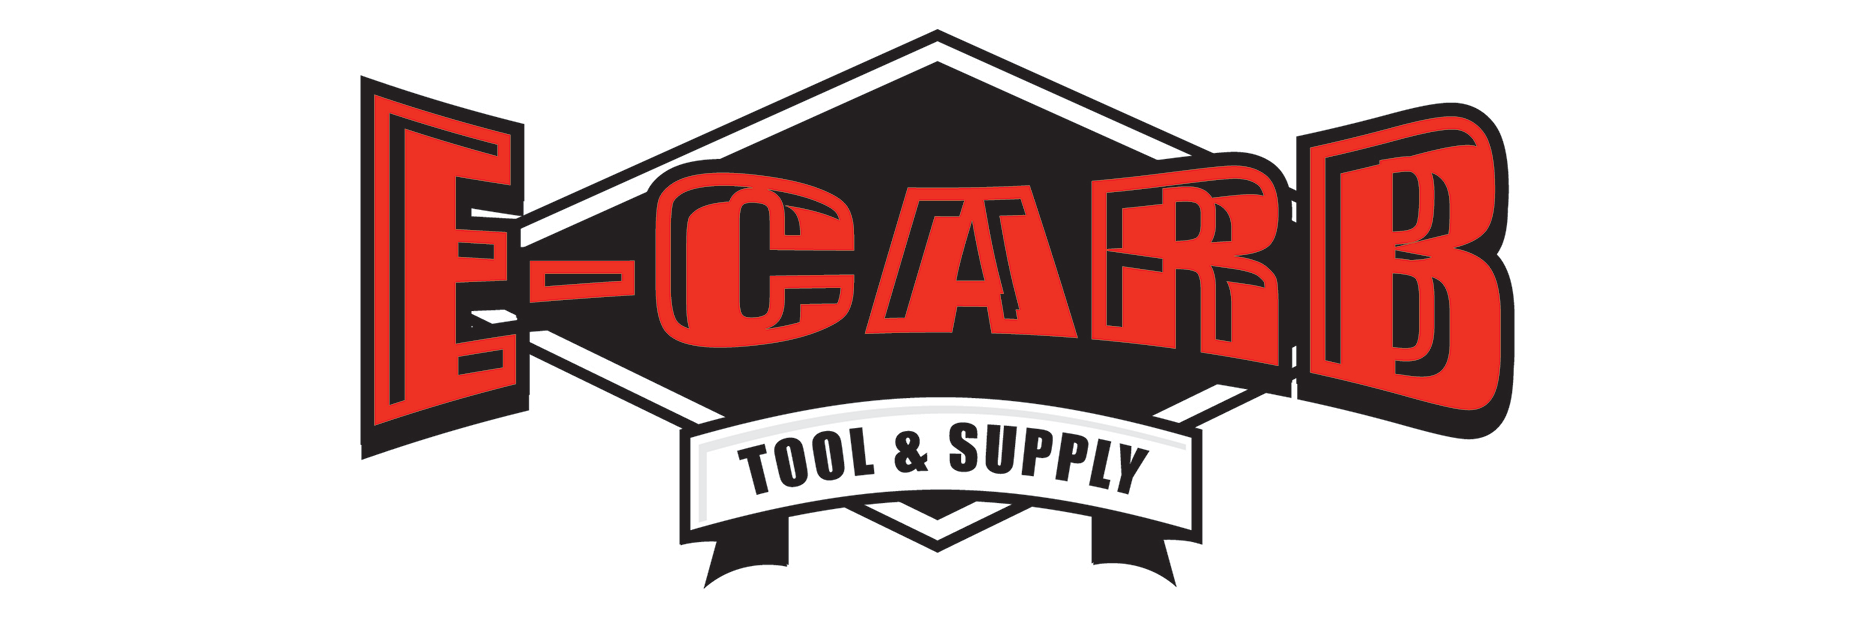 E-Carb Tool & Supply